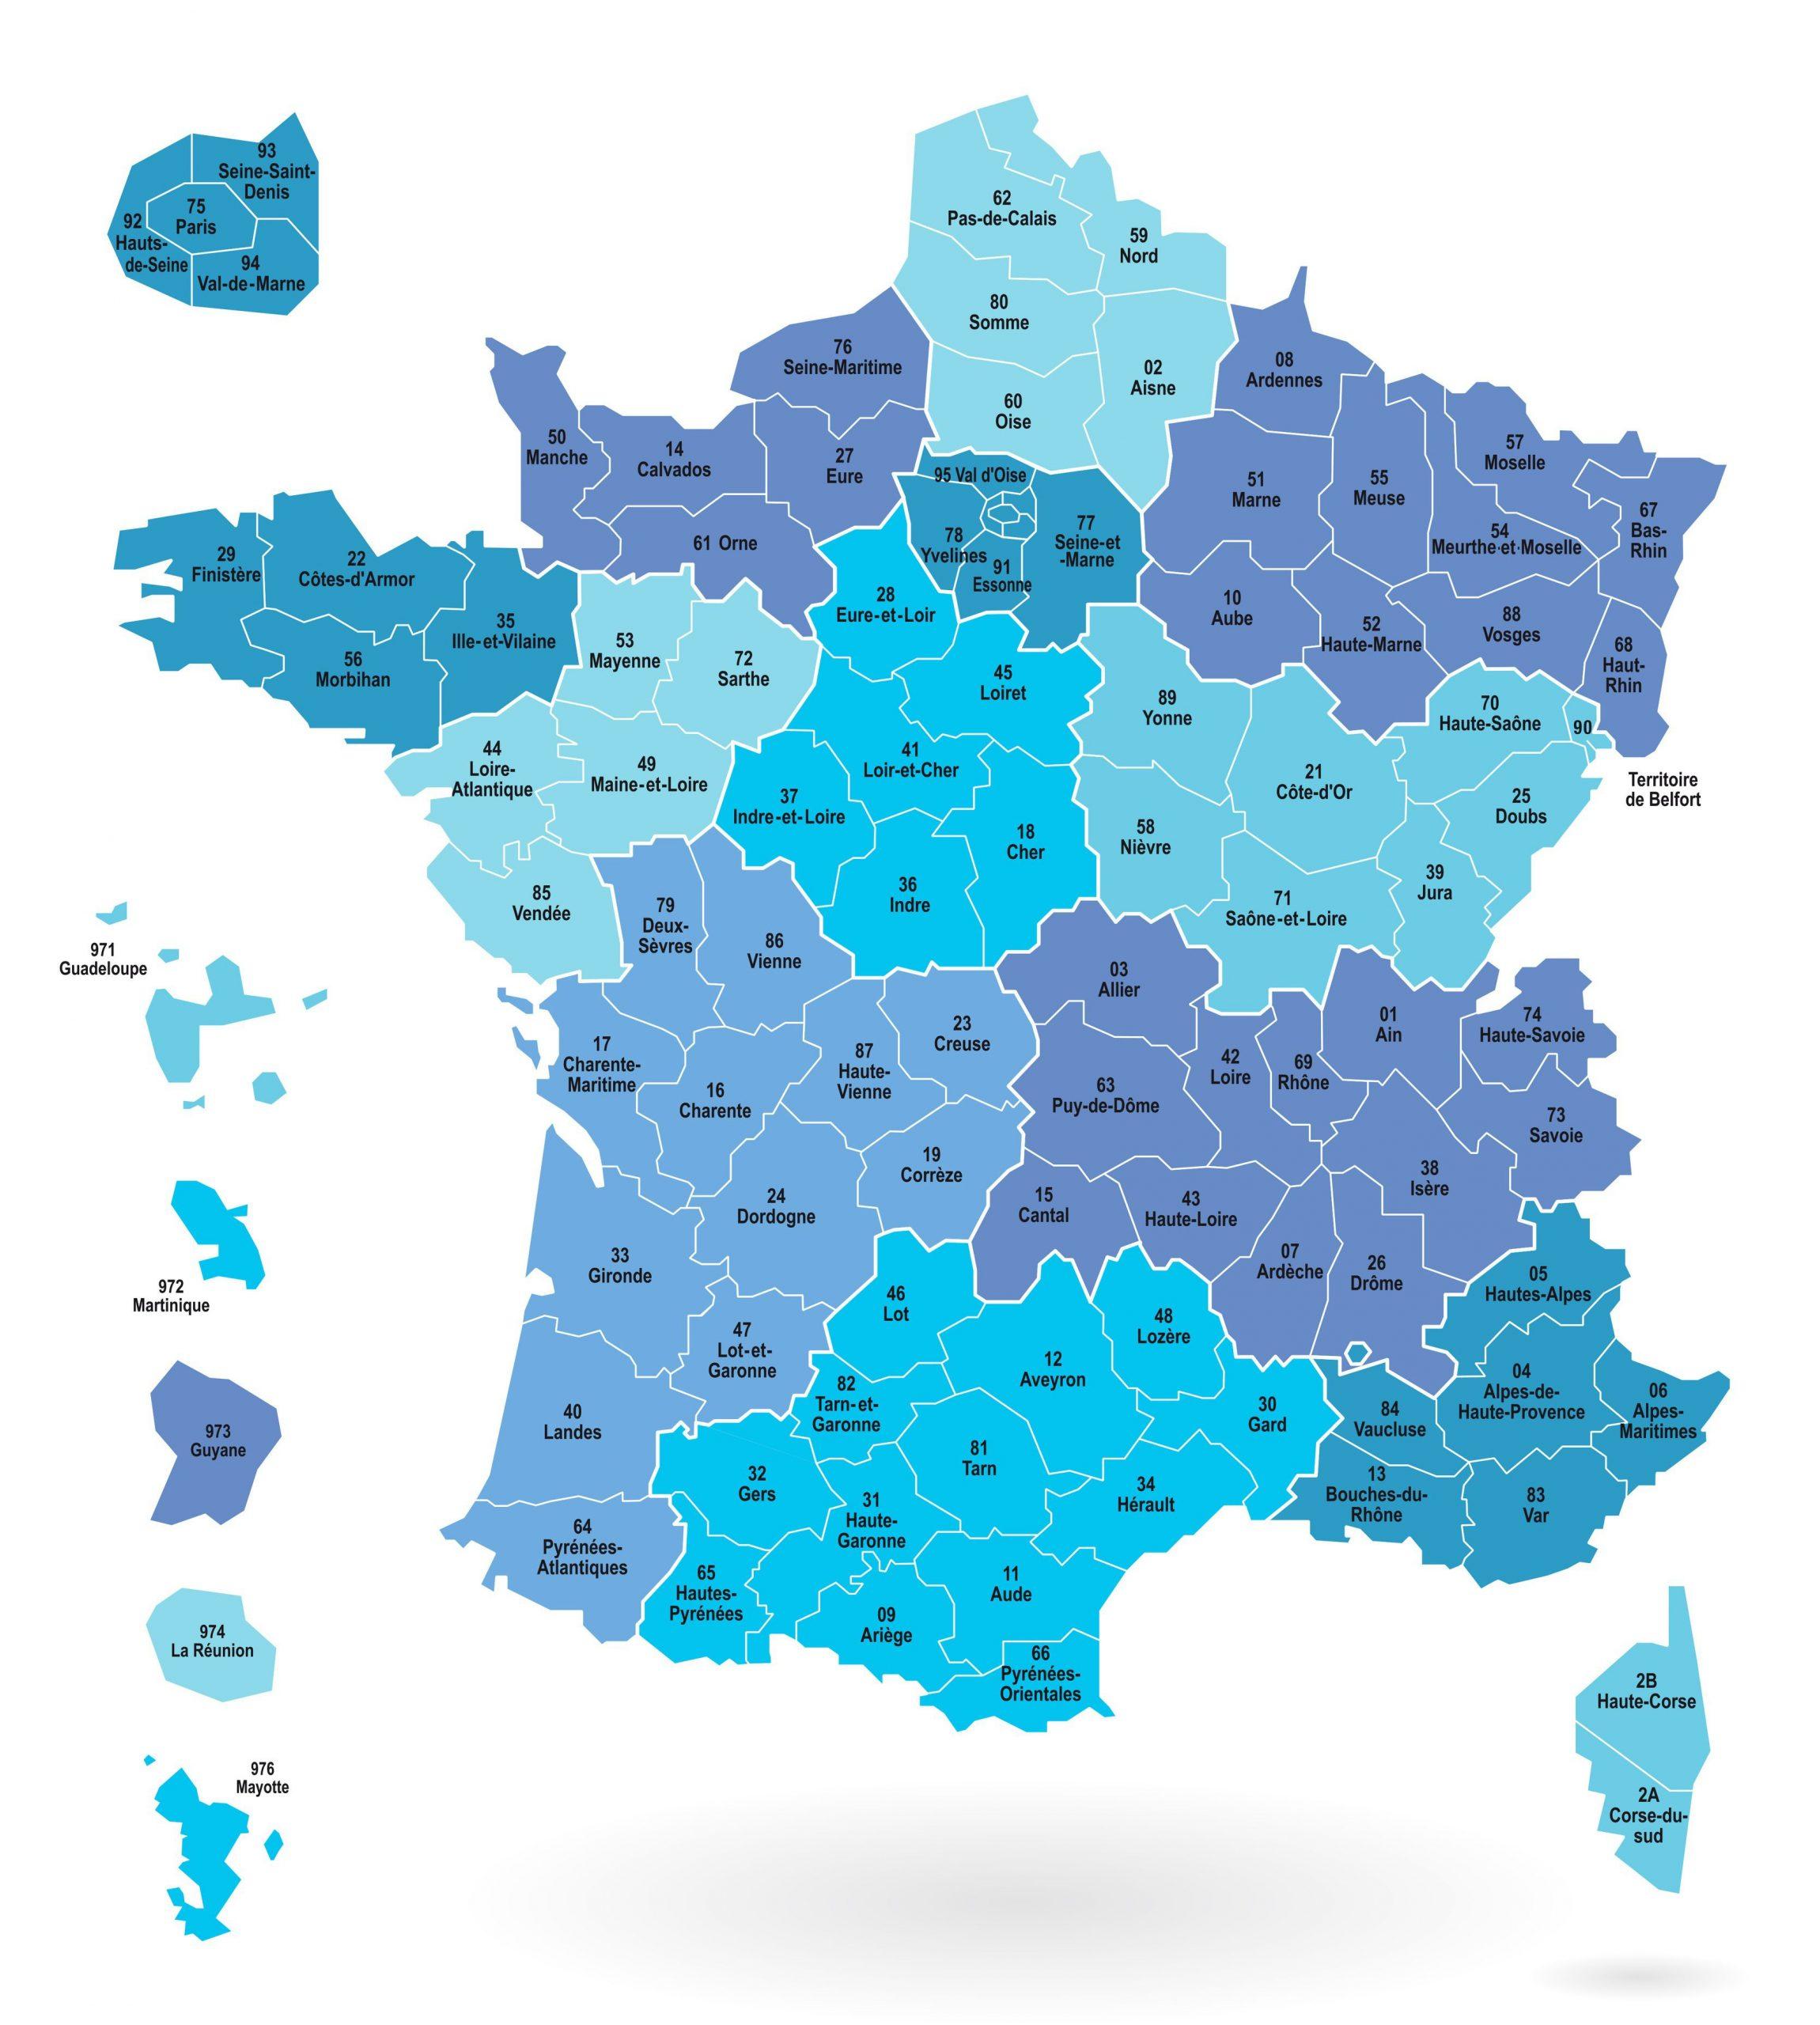 Cartes Des Départements Et Régions De La France - Cartes De concernant Carte De France Nouvelles Régions